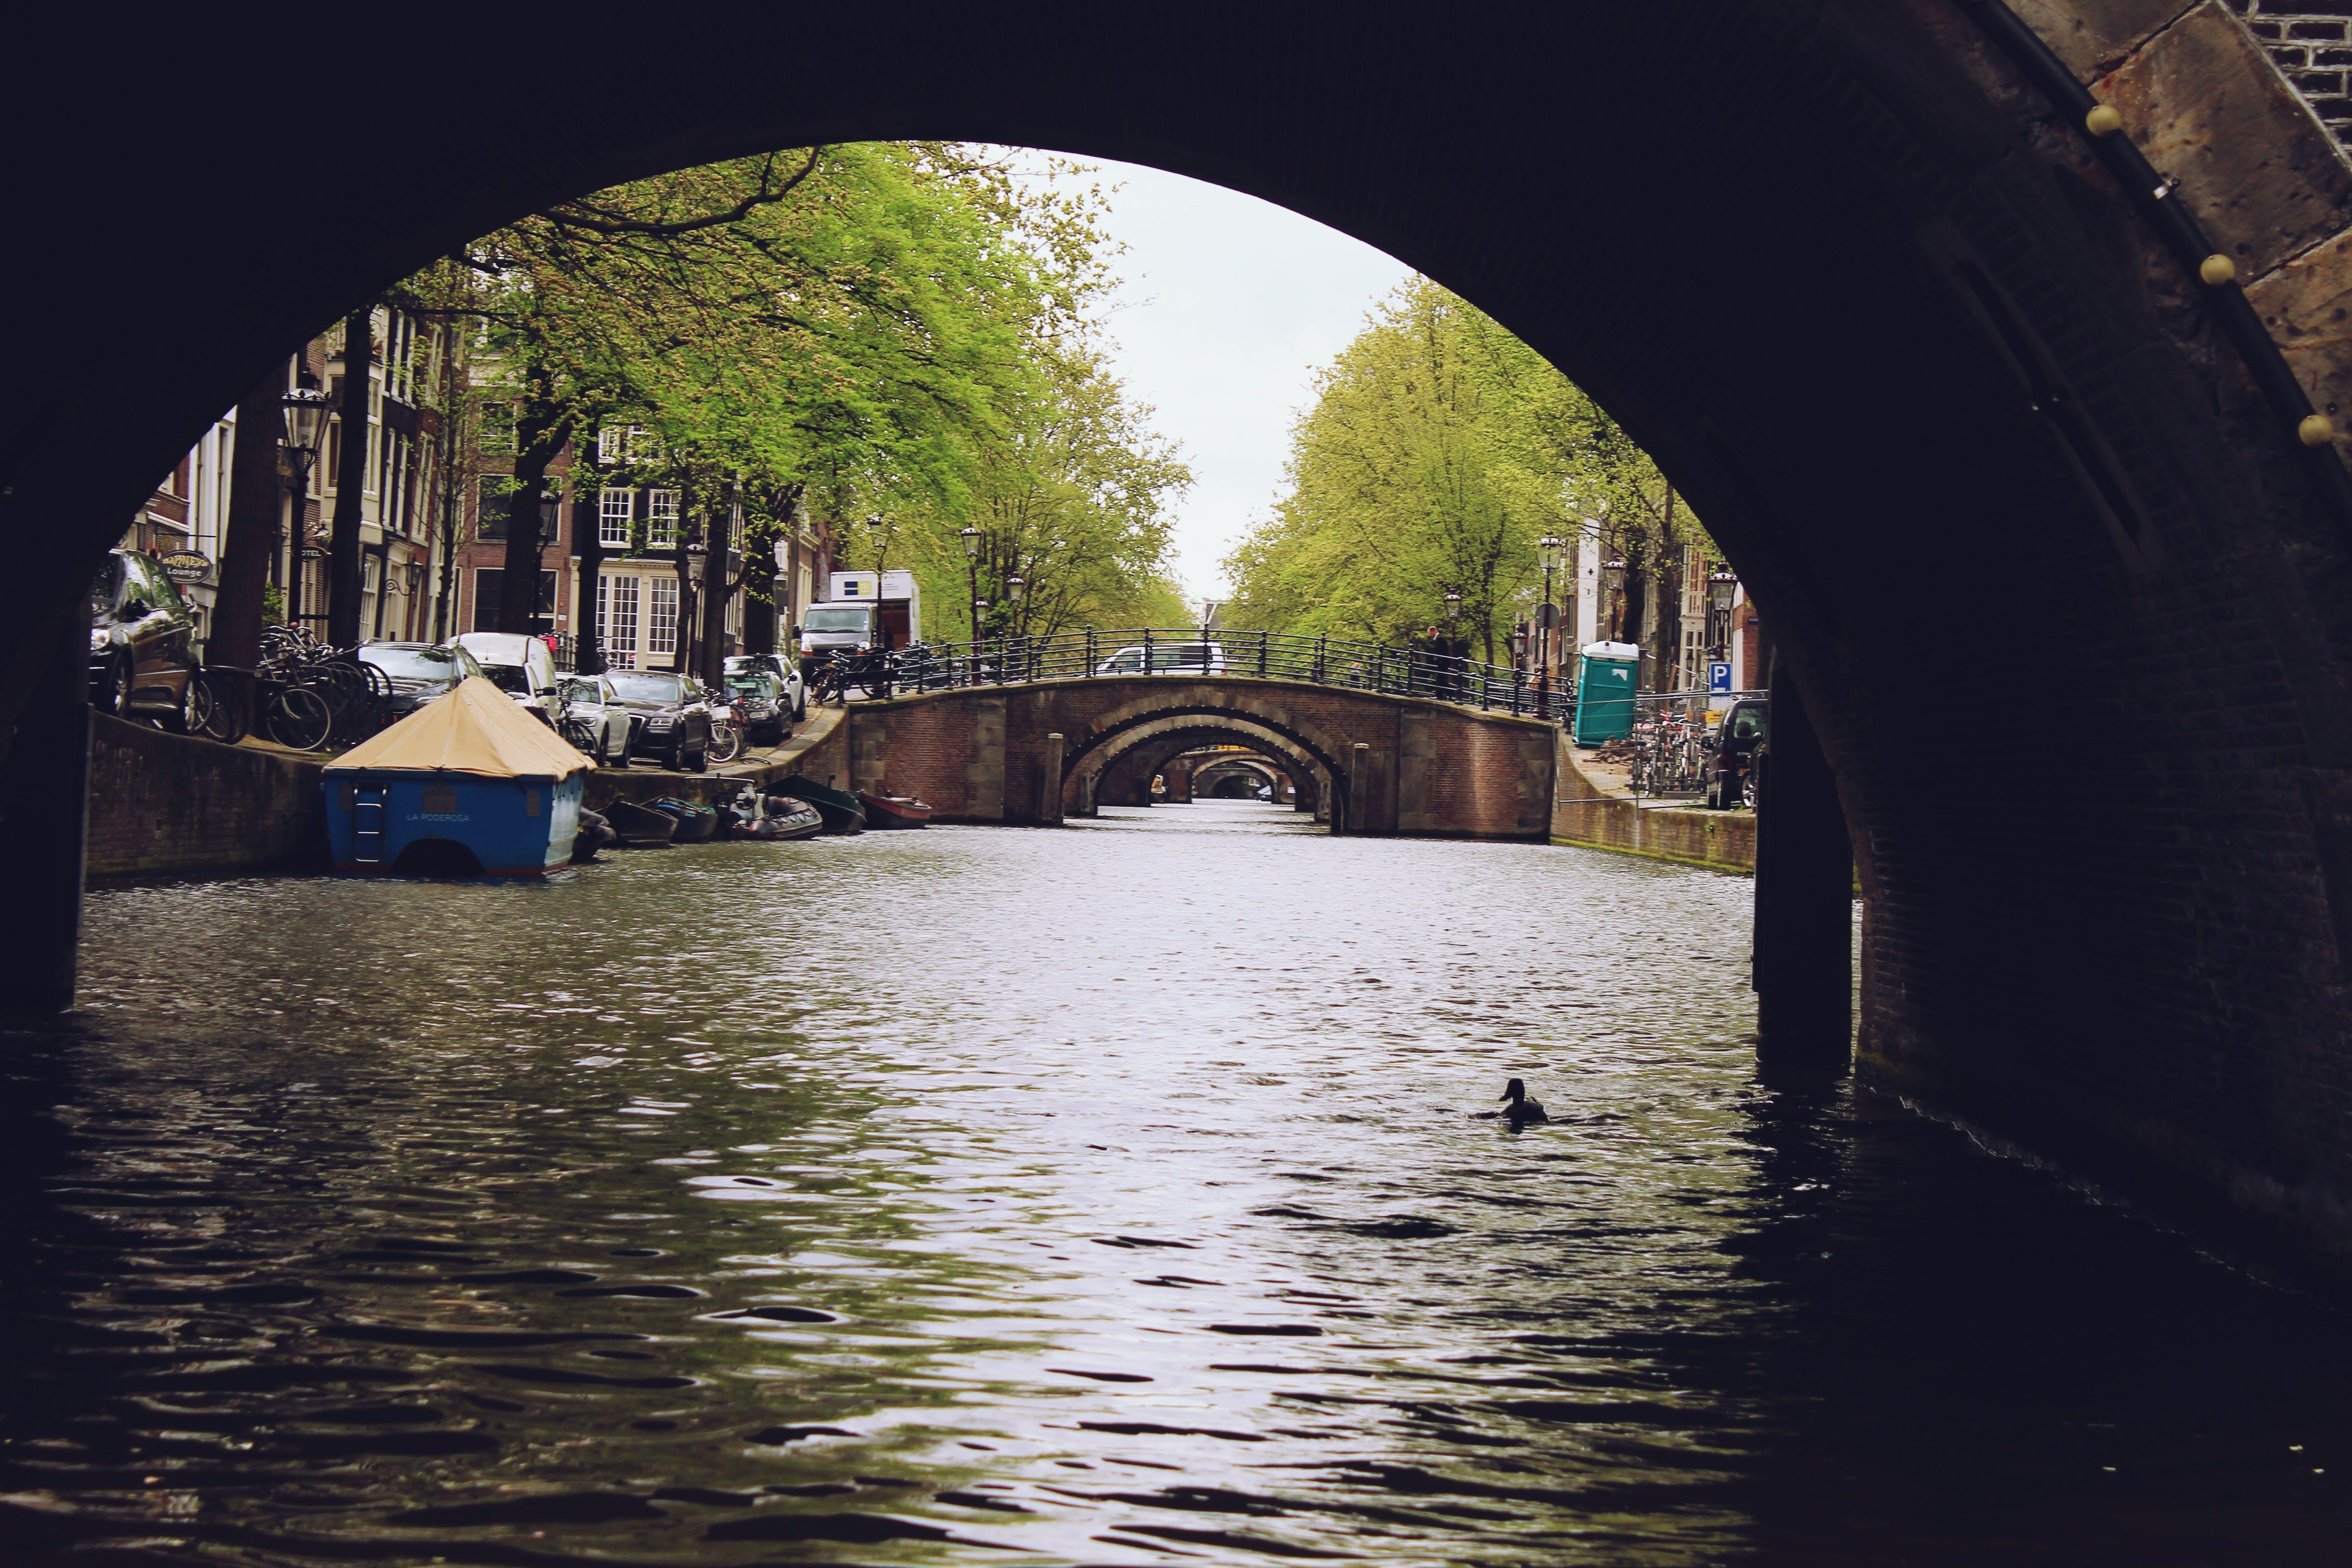 Δωρεάν στοκ φωτογραφιών με Άμστερνταμ, δέντρο, κανάλι, νερό